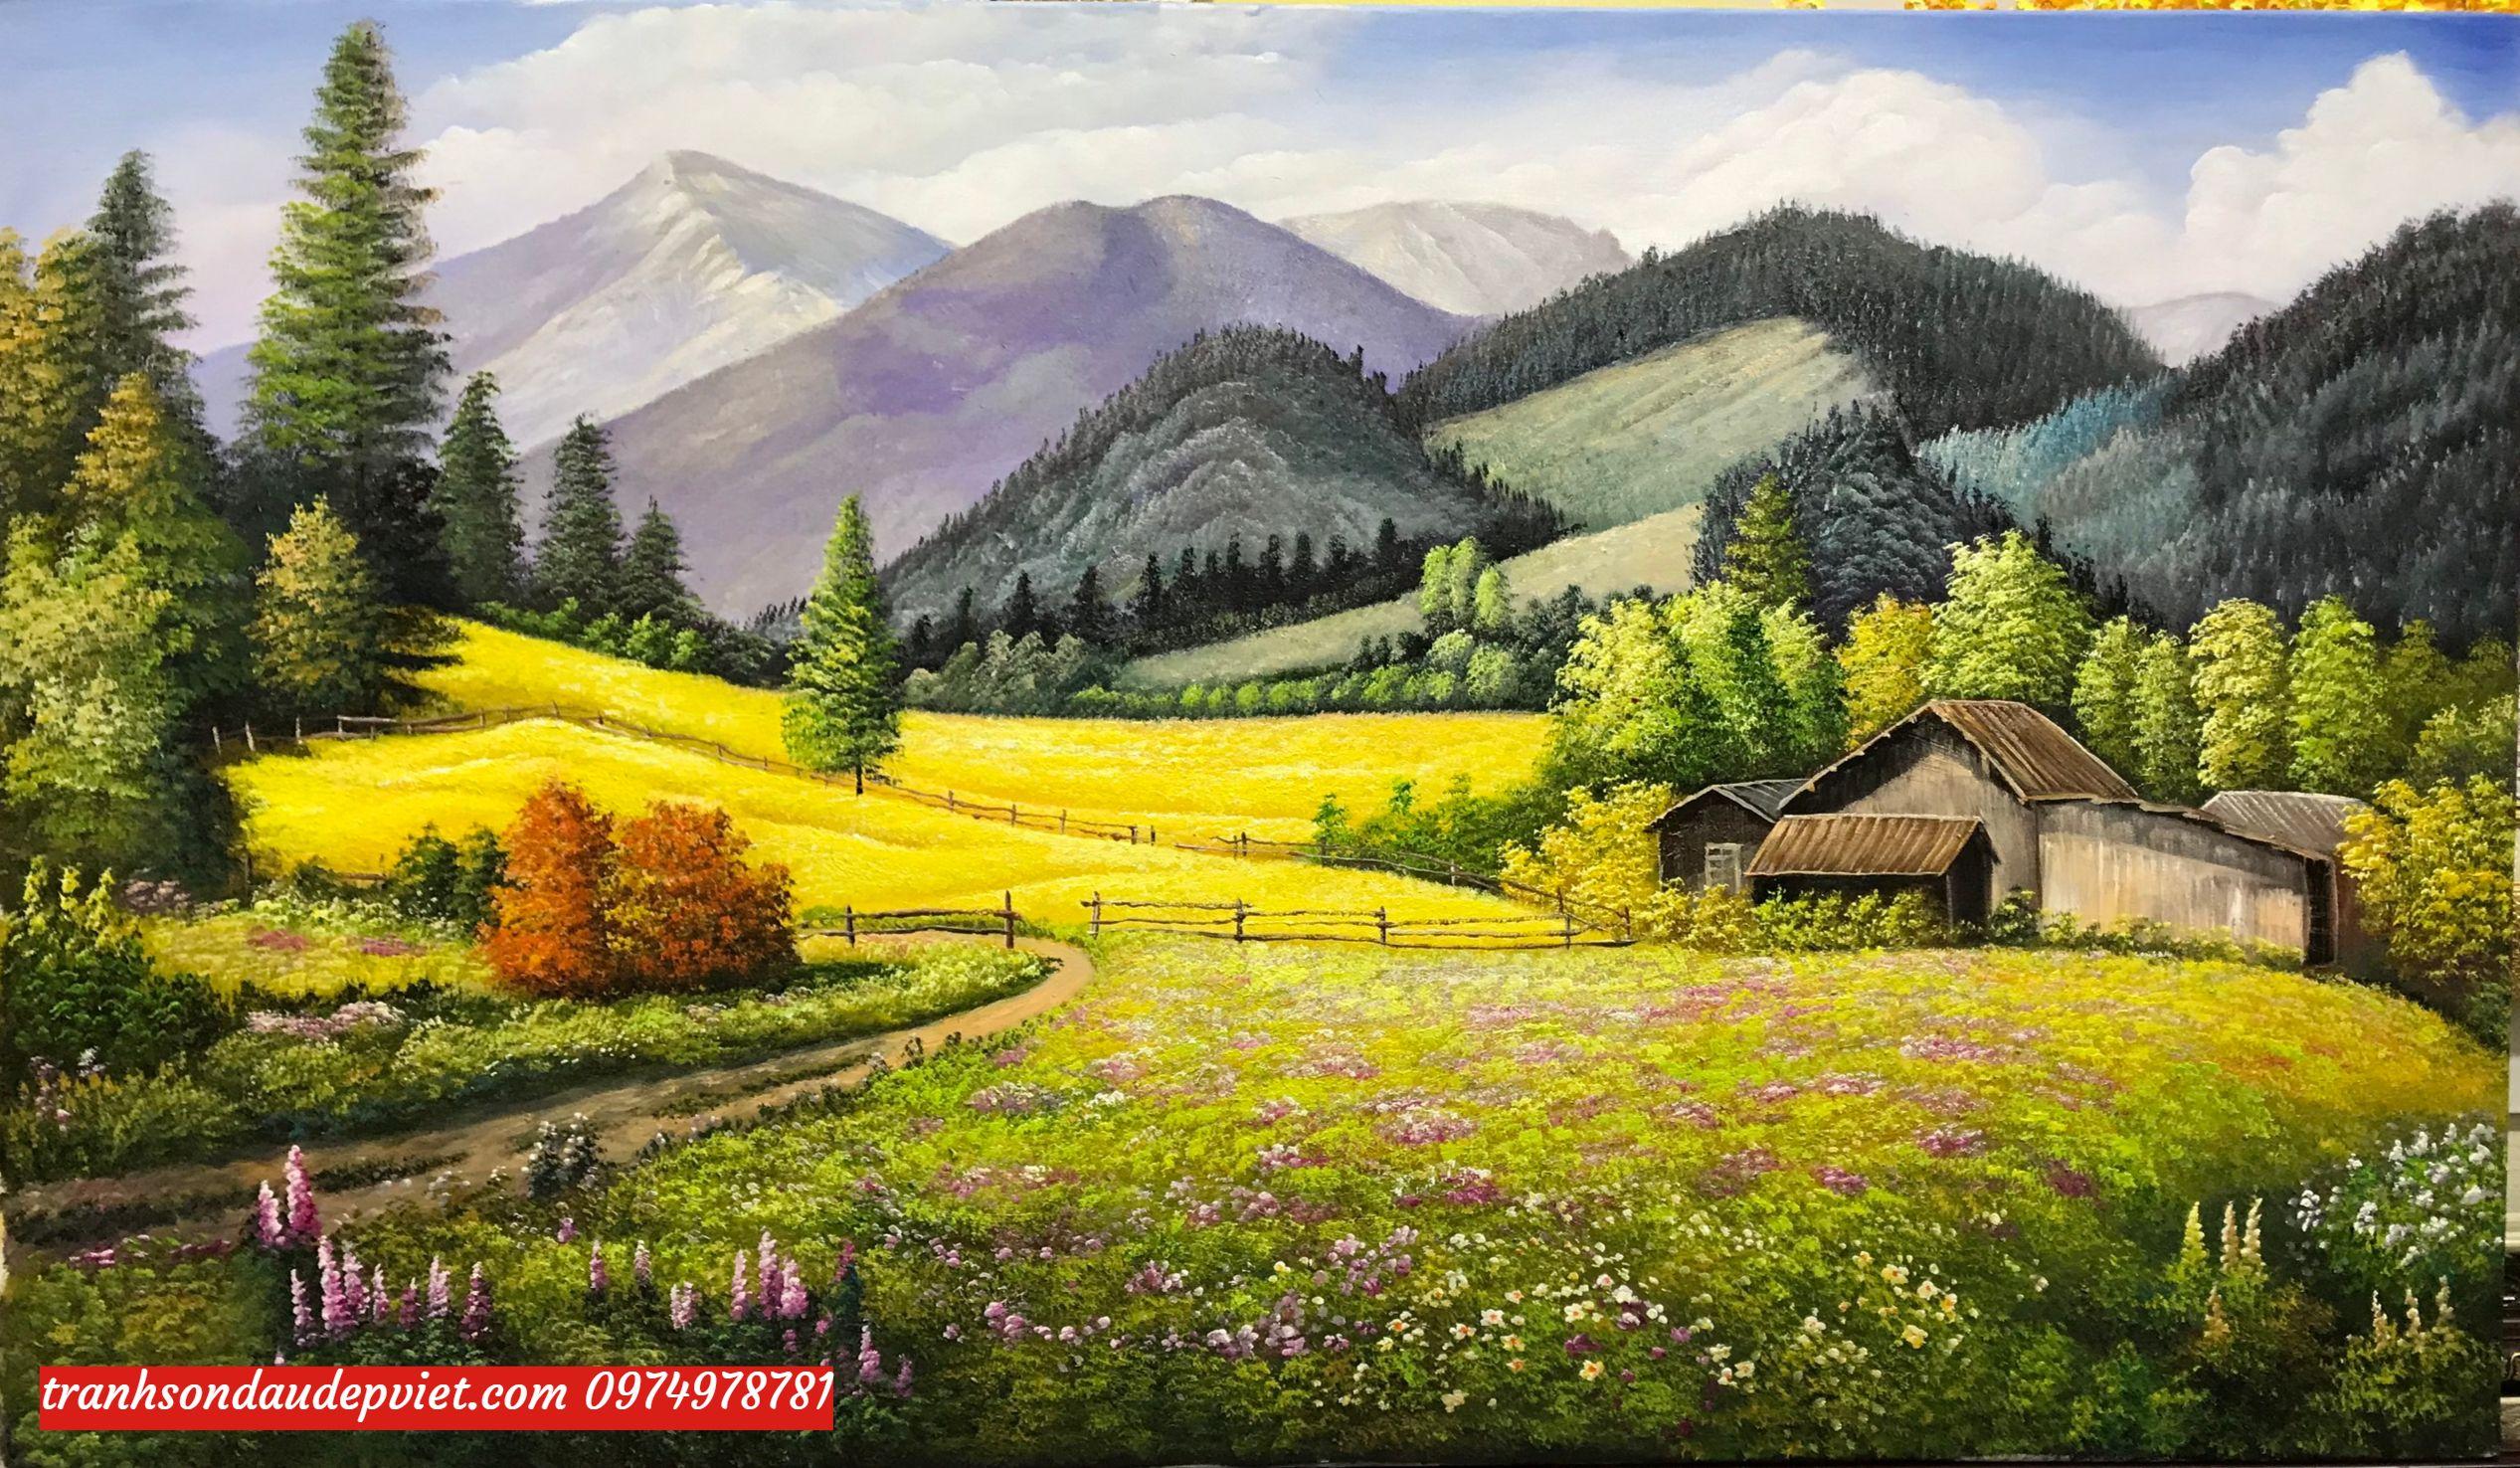 Tranh phong cảnh đẹp, tranh sơn dầu SB095